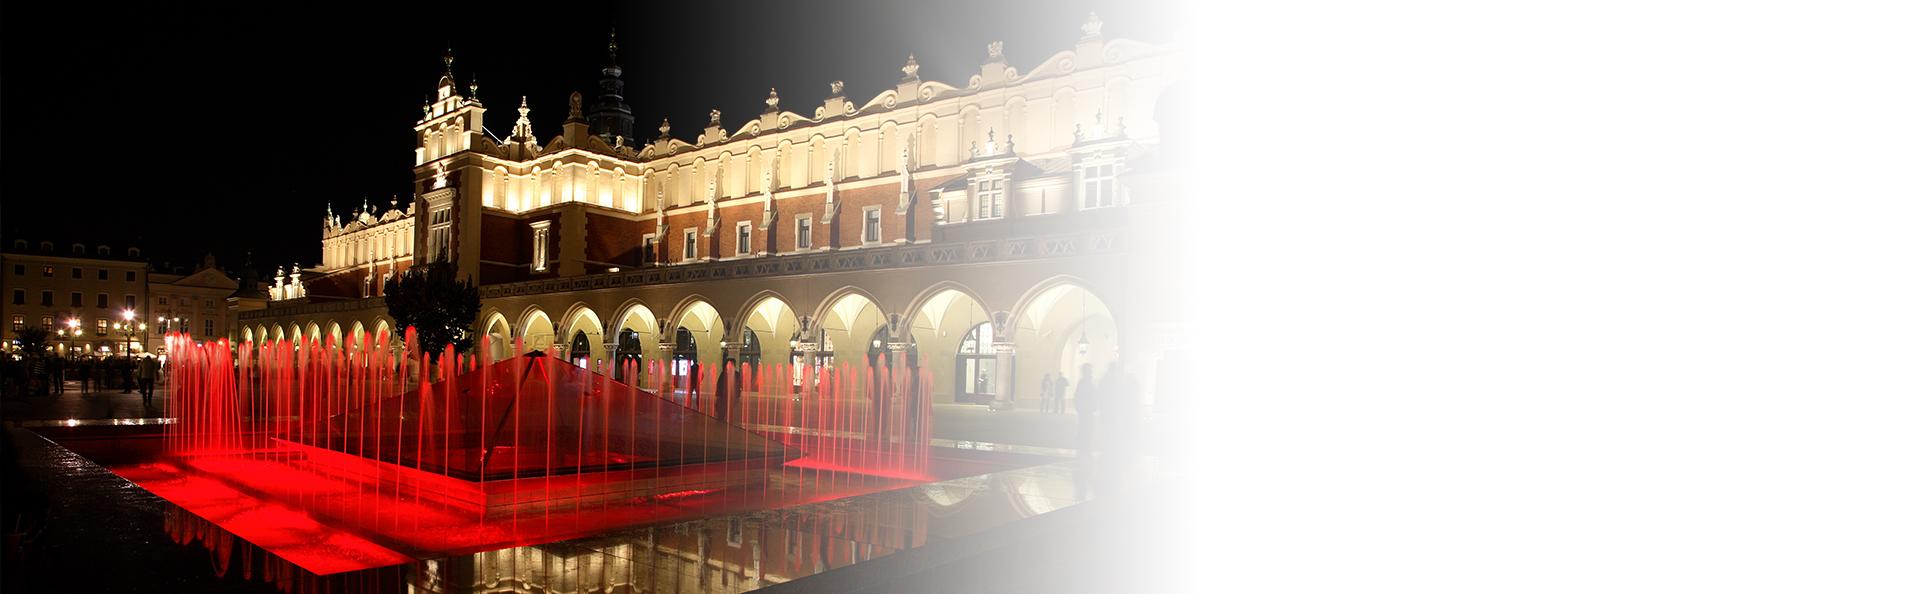 Oświetlenie Miejskie Drogowe I Iluminacje Es System